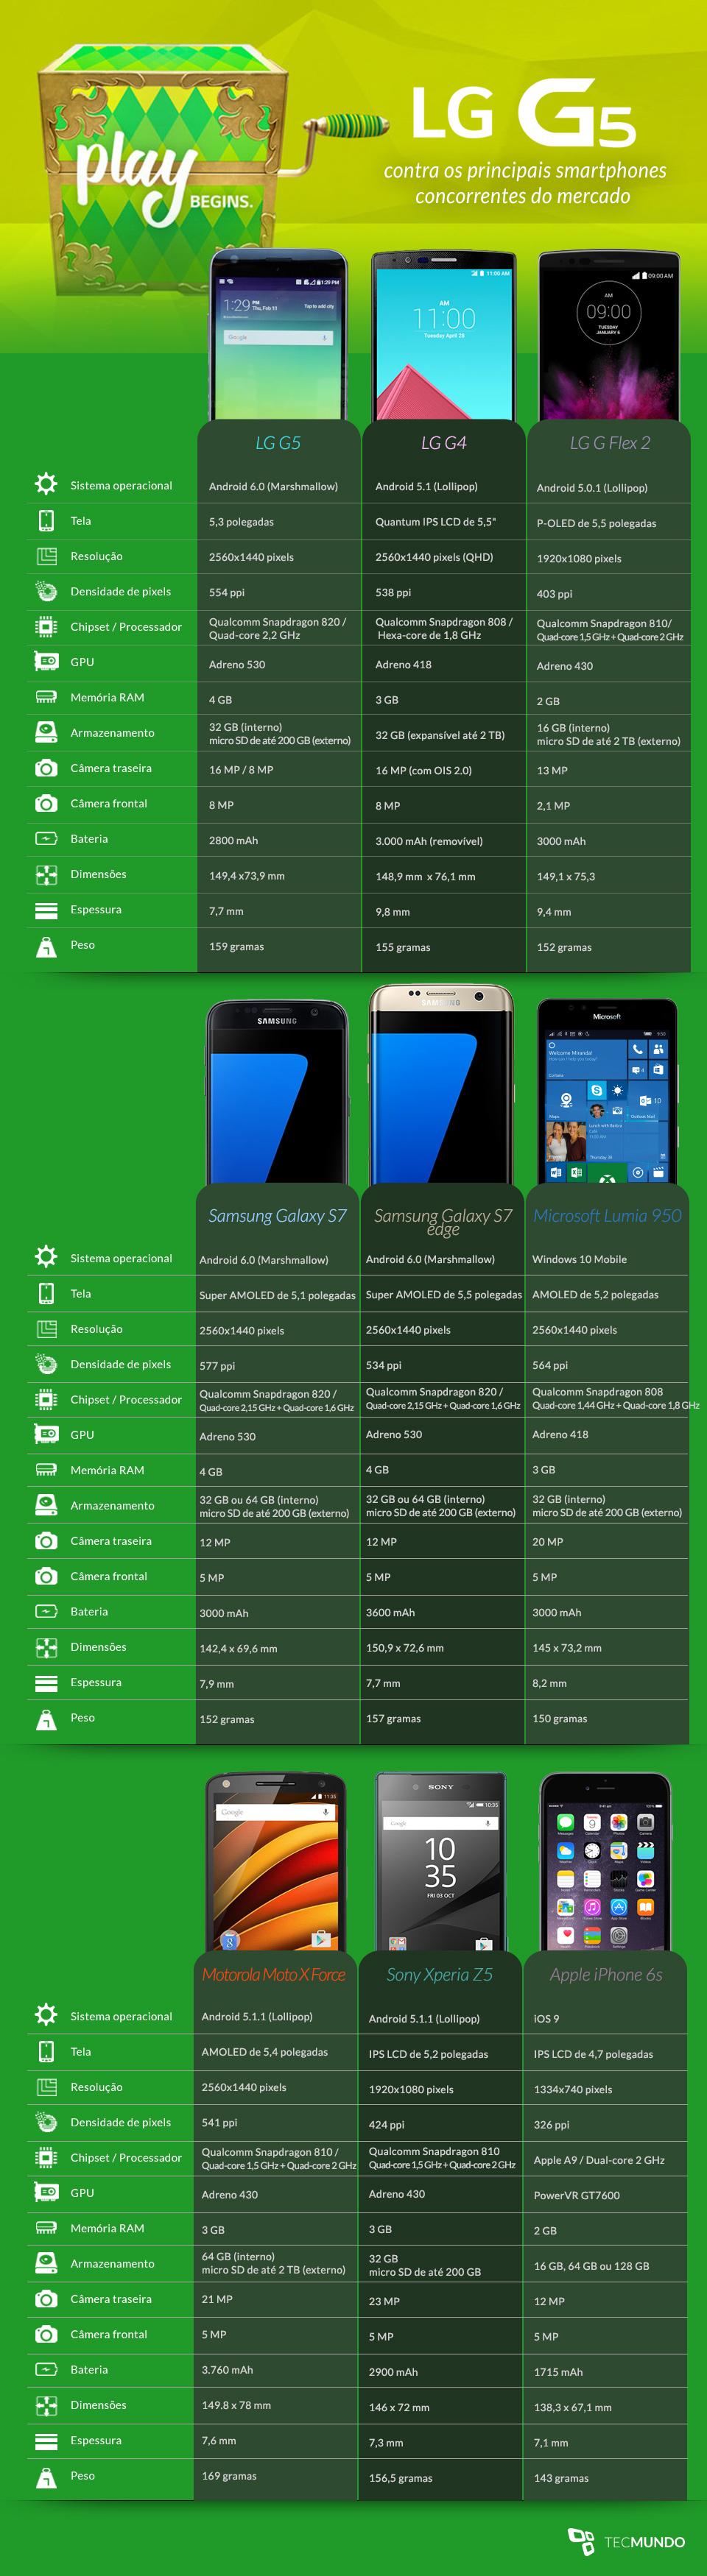 Comparação: LG G5 contra os principais concorrentes do mercado